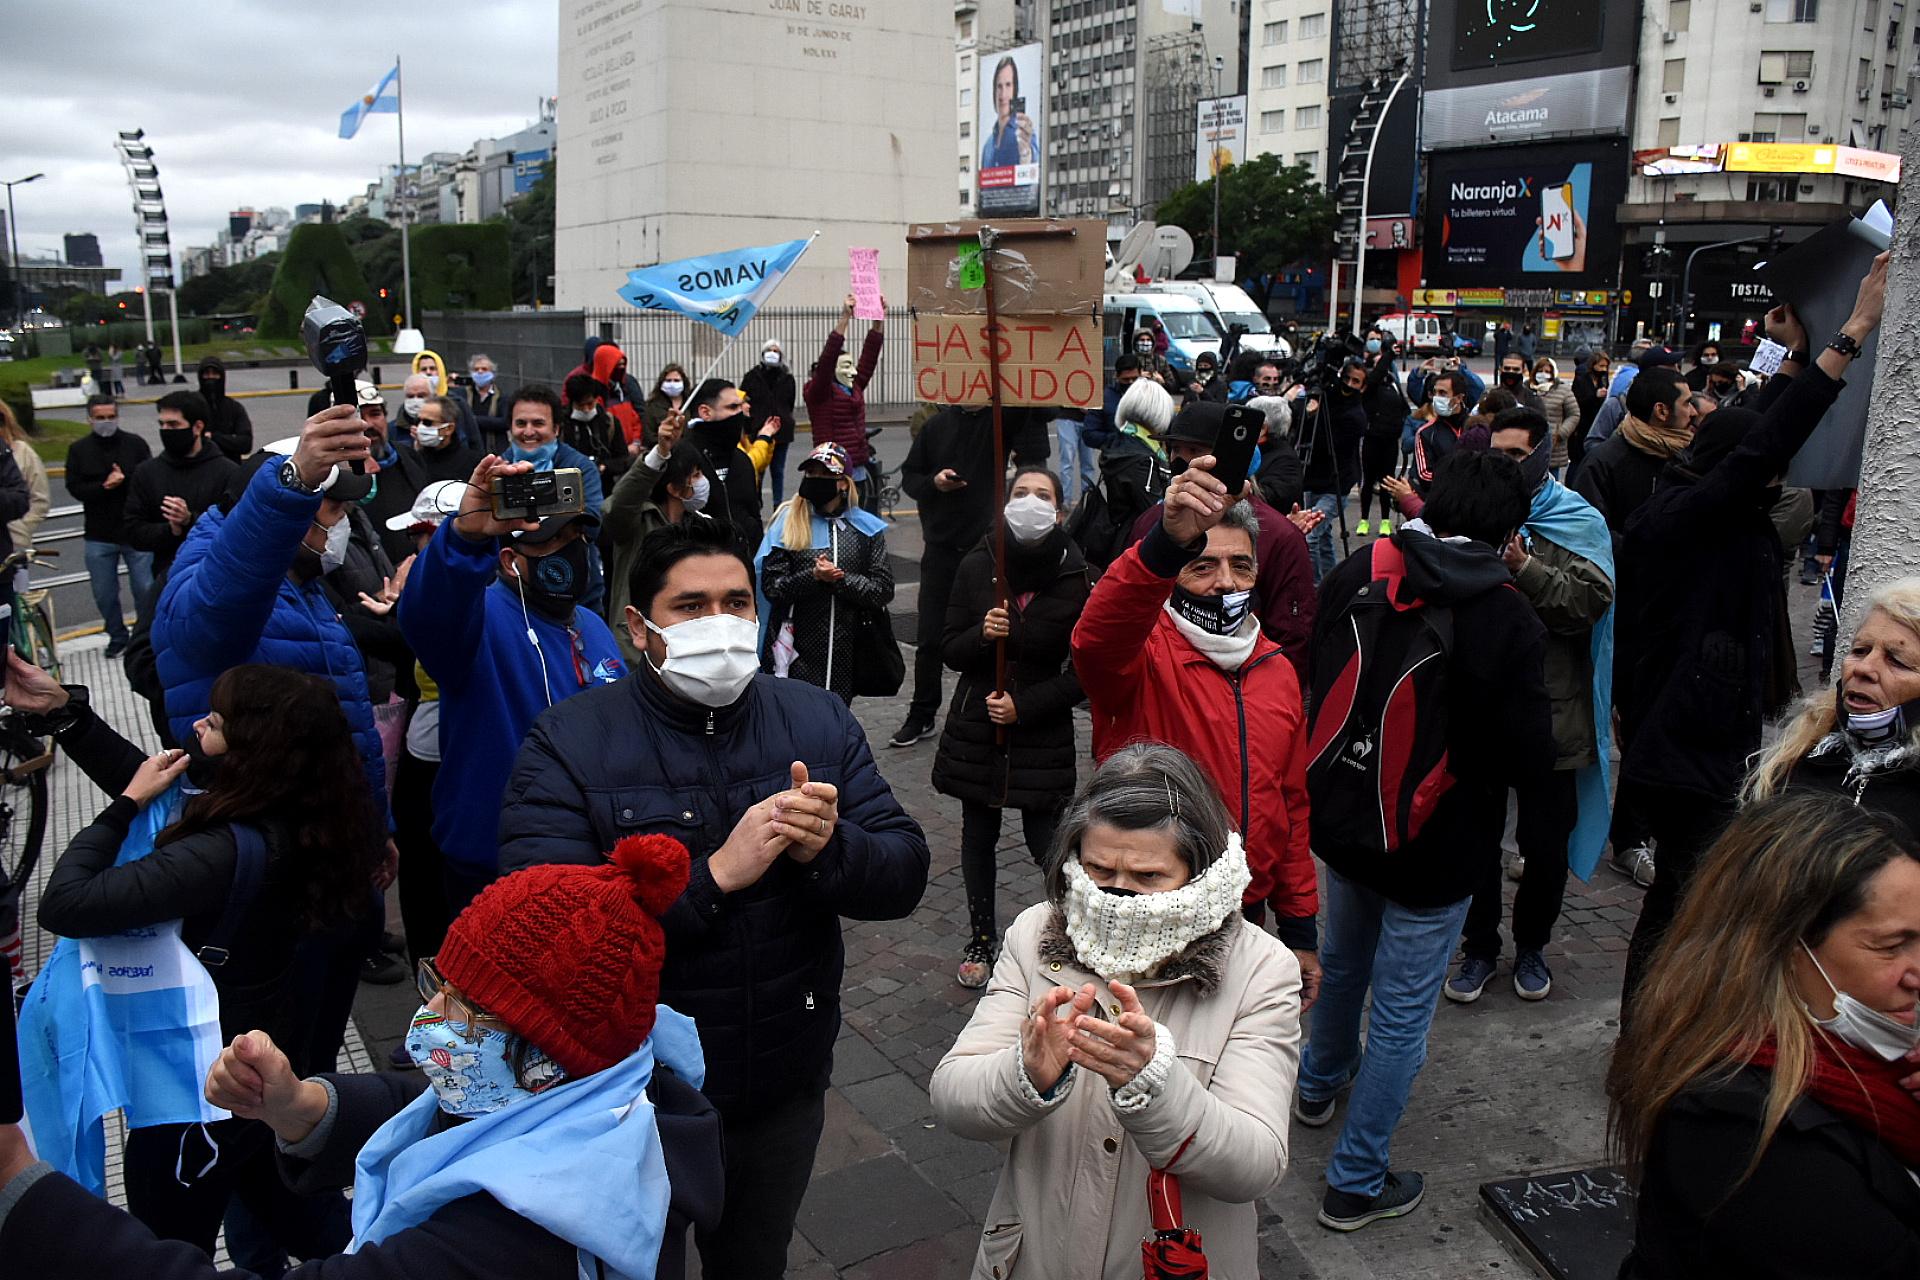 El 30 de mayo, el Obelisco fue escenario de una protesta anticuarentena. Unos pocos centenares de personas se reunieron allí y el Plaza de Mayo para pedir el fin de la medida gubernamental. Un día antes, un documento contra el gobierno titulado